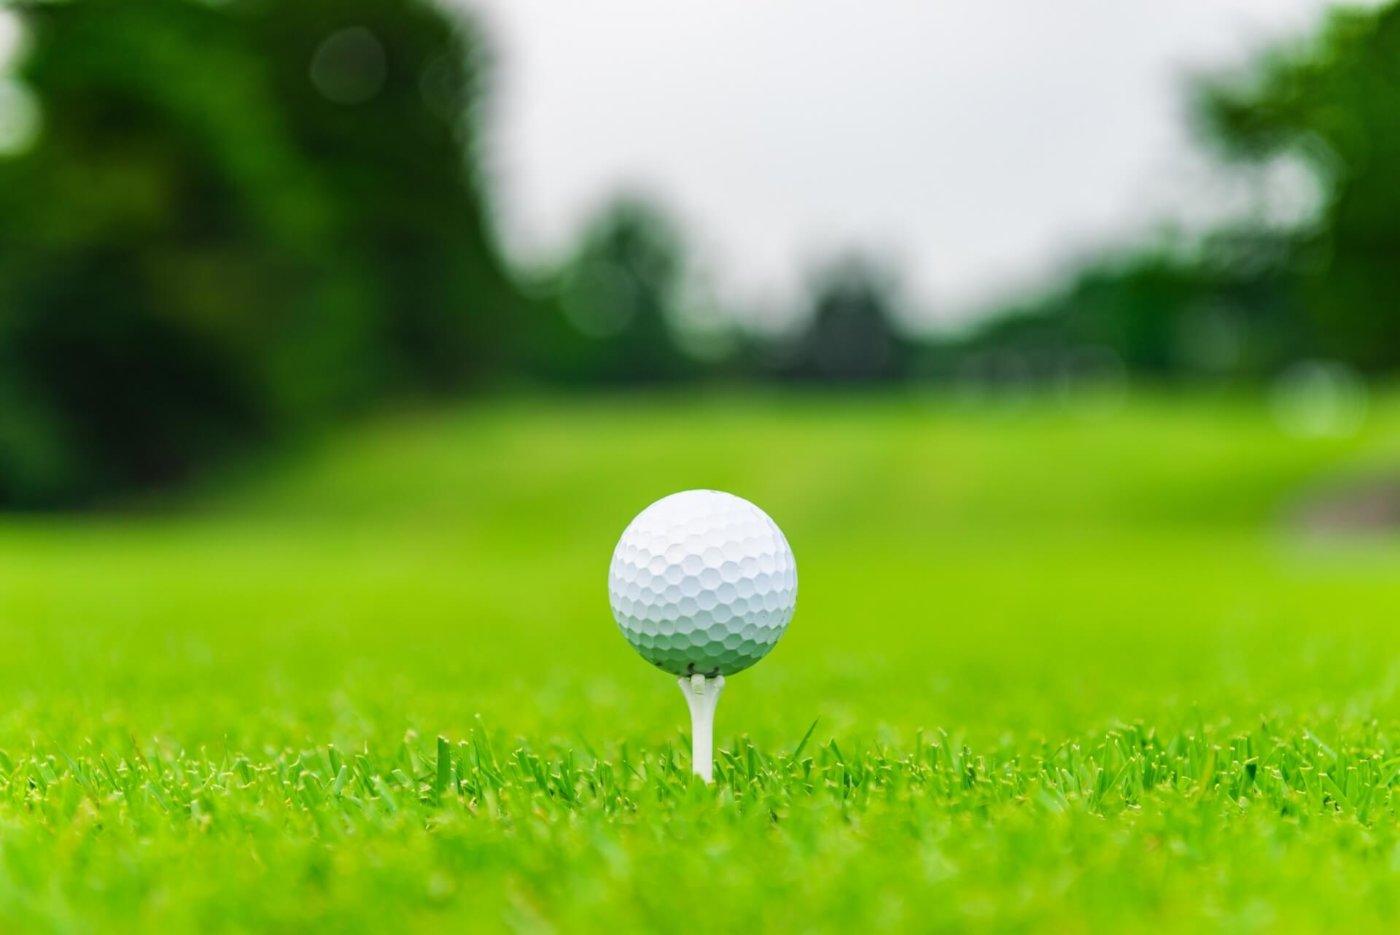 オリンピックのゴルフ競技の歴史、そしてこれからはどうなる?